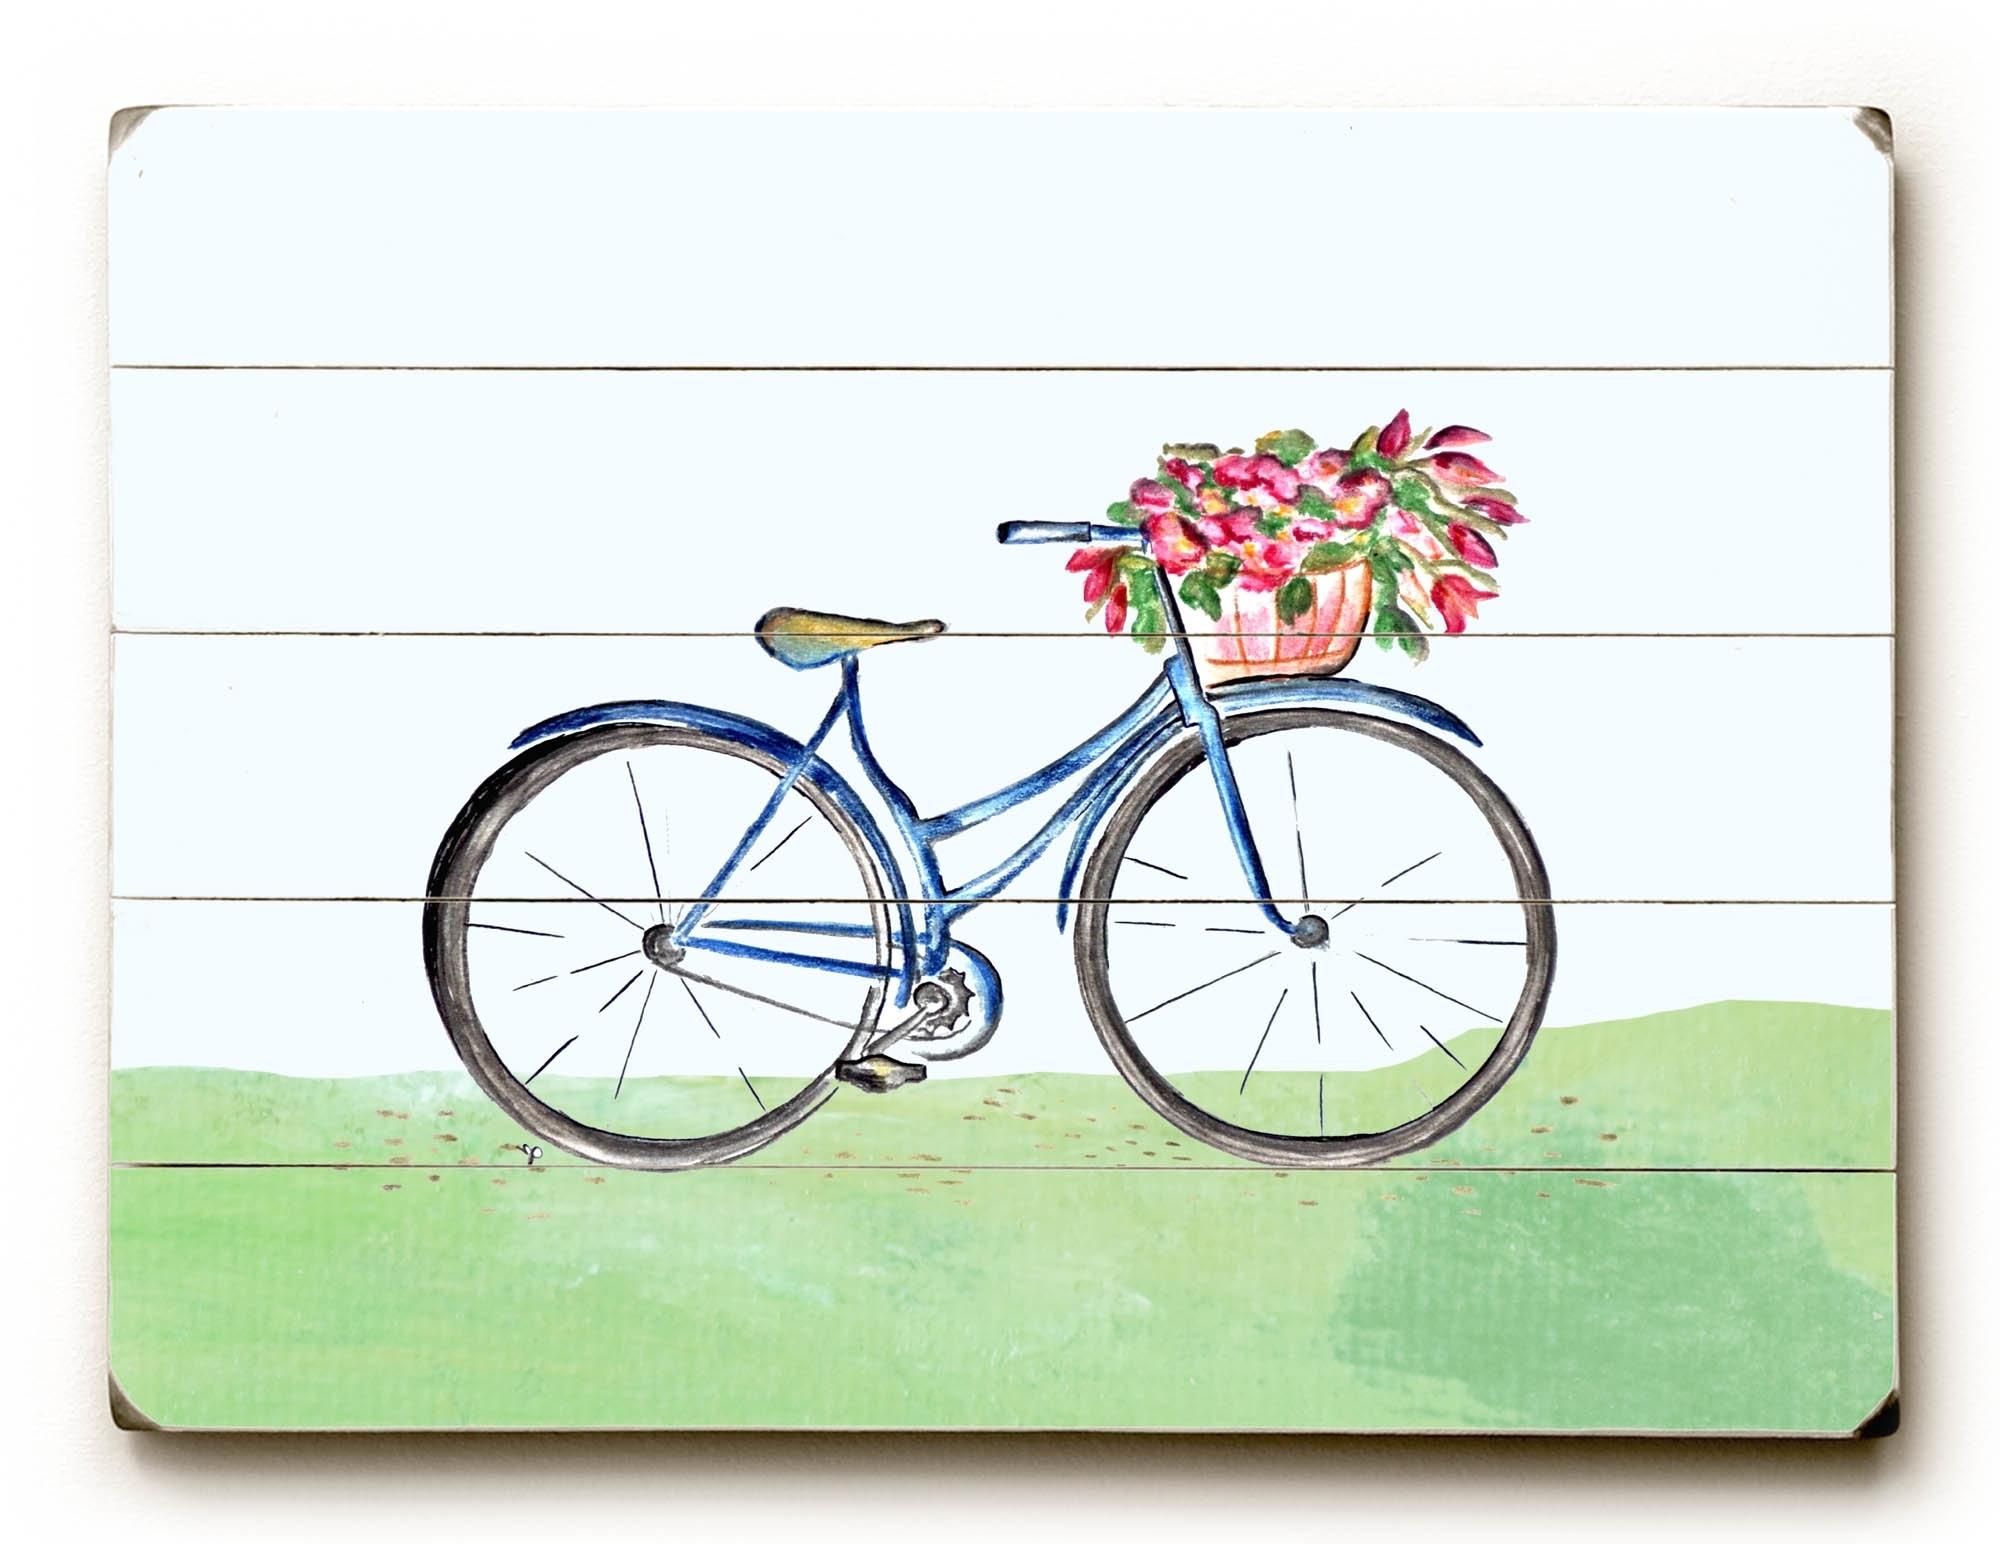 Wayfair Regarding Trendy Bicycle Wall Art (View 5 of 15)